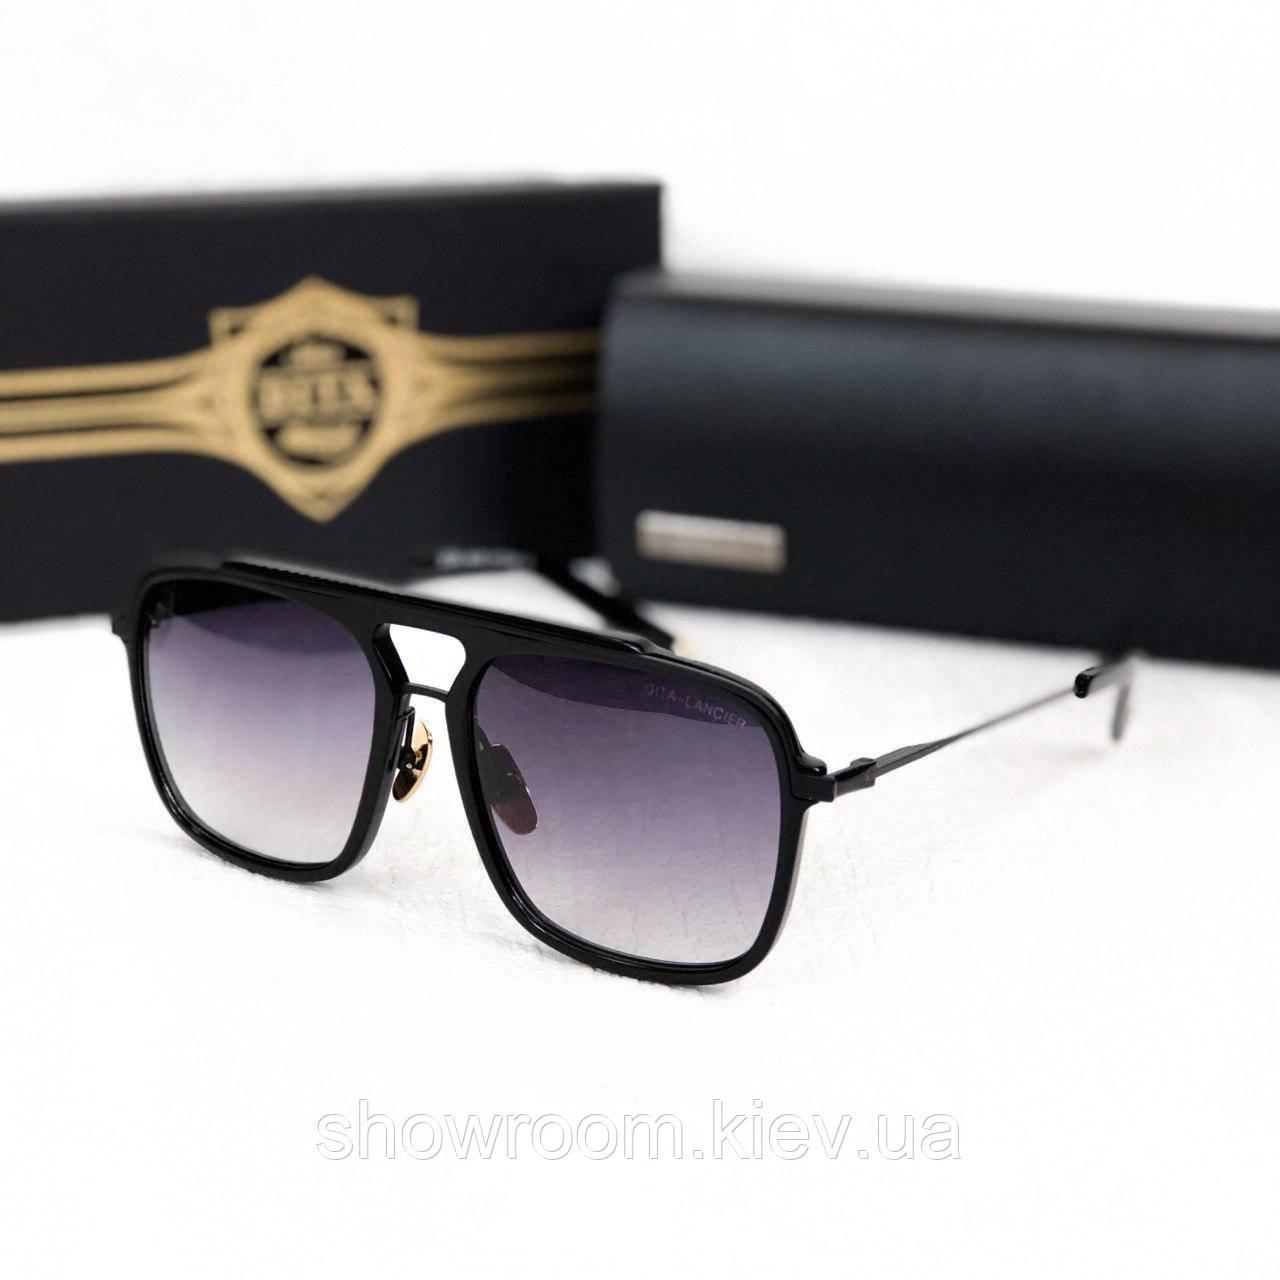 Мужские солнцезащитные очки Lancier grey Lux